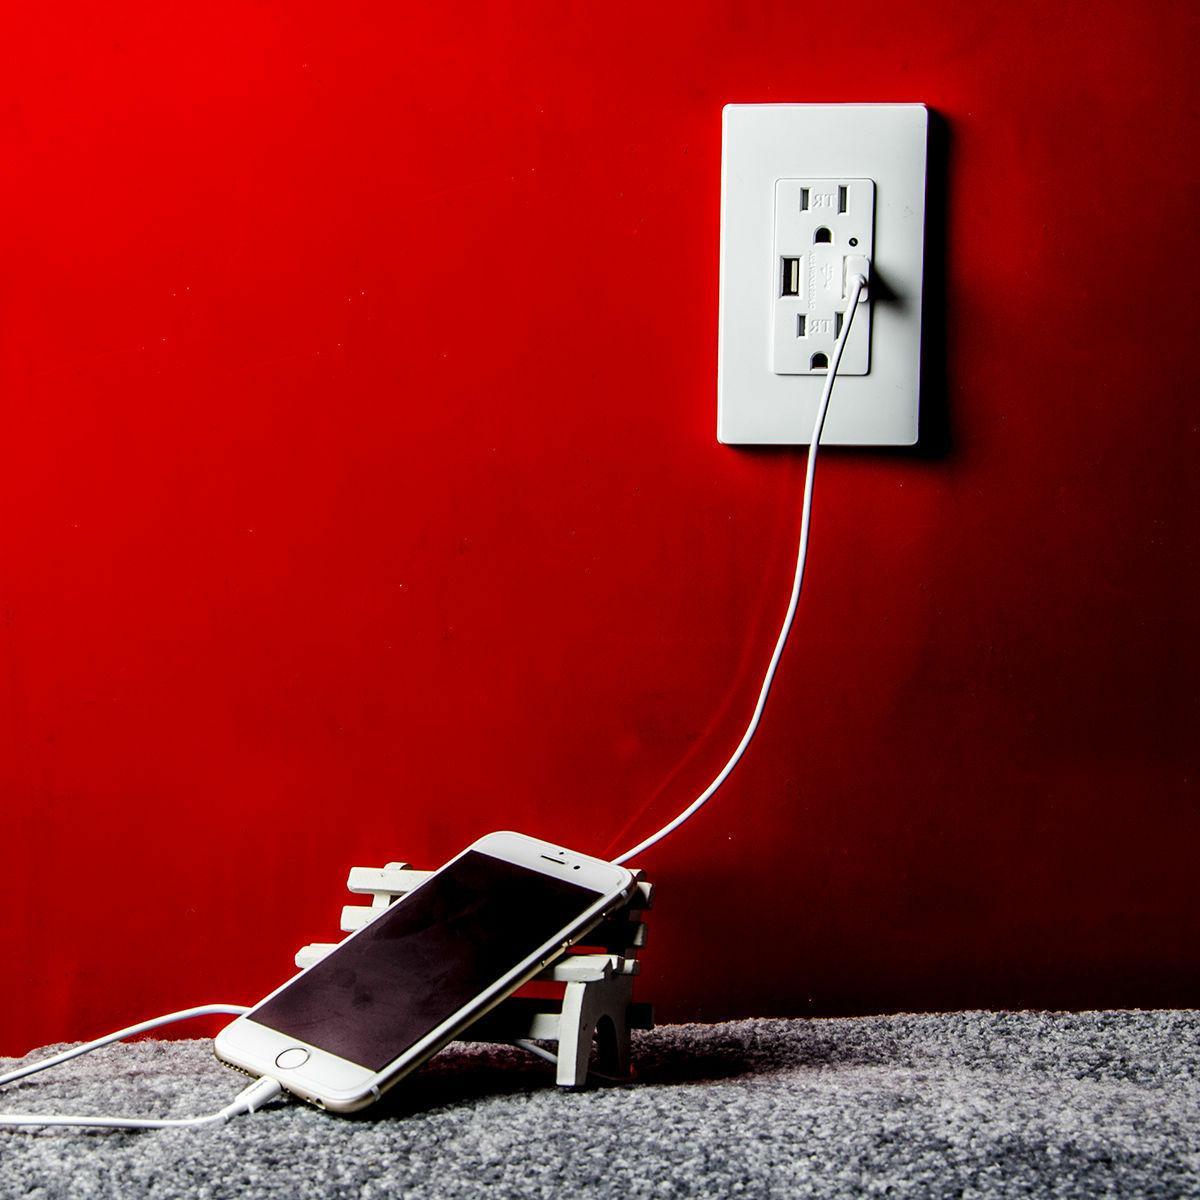 2 USB Ports Wall 2.1A 5V Outlet AC UL ETL